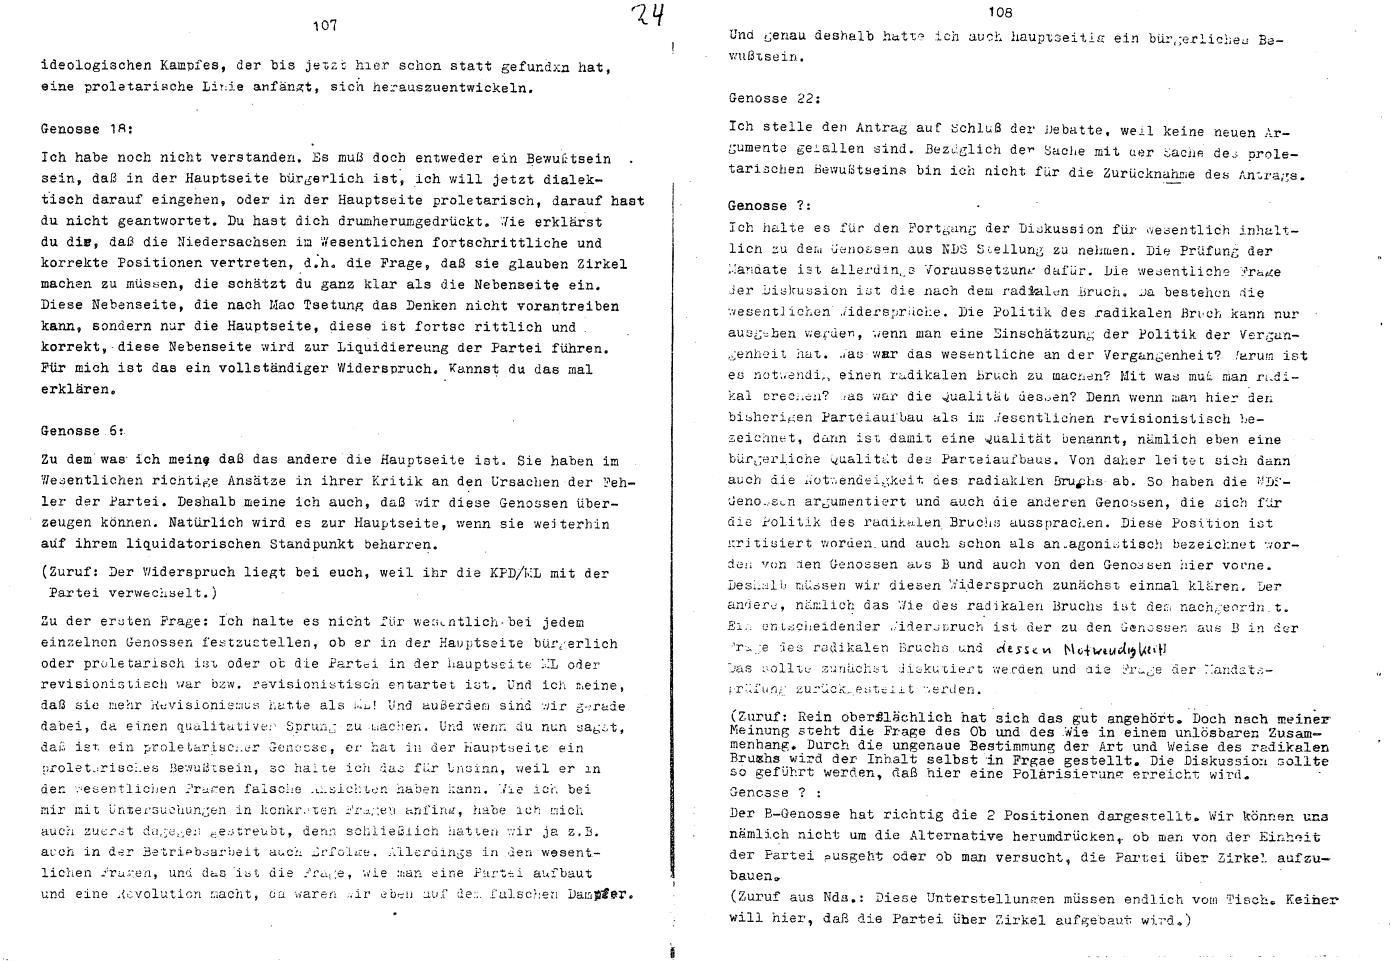 KPDML_1971_Wortprotokolle_aoPt_043